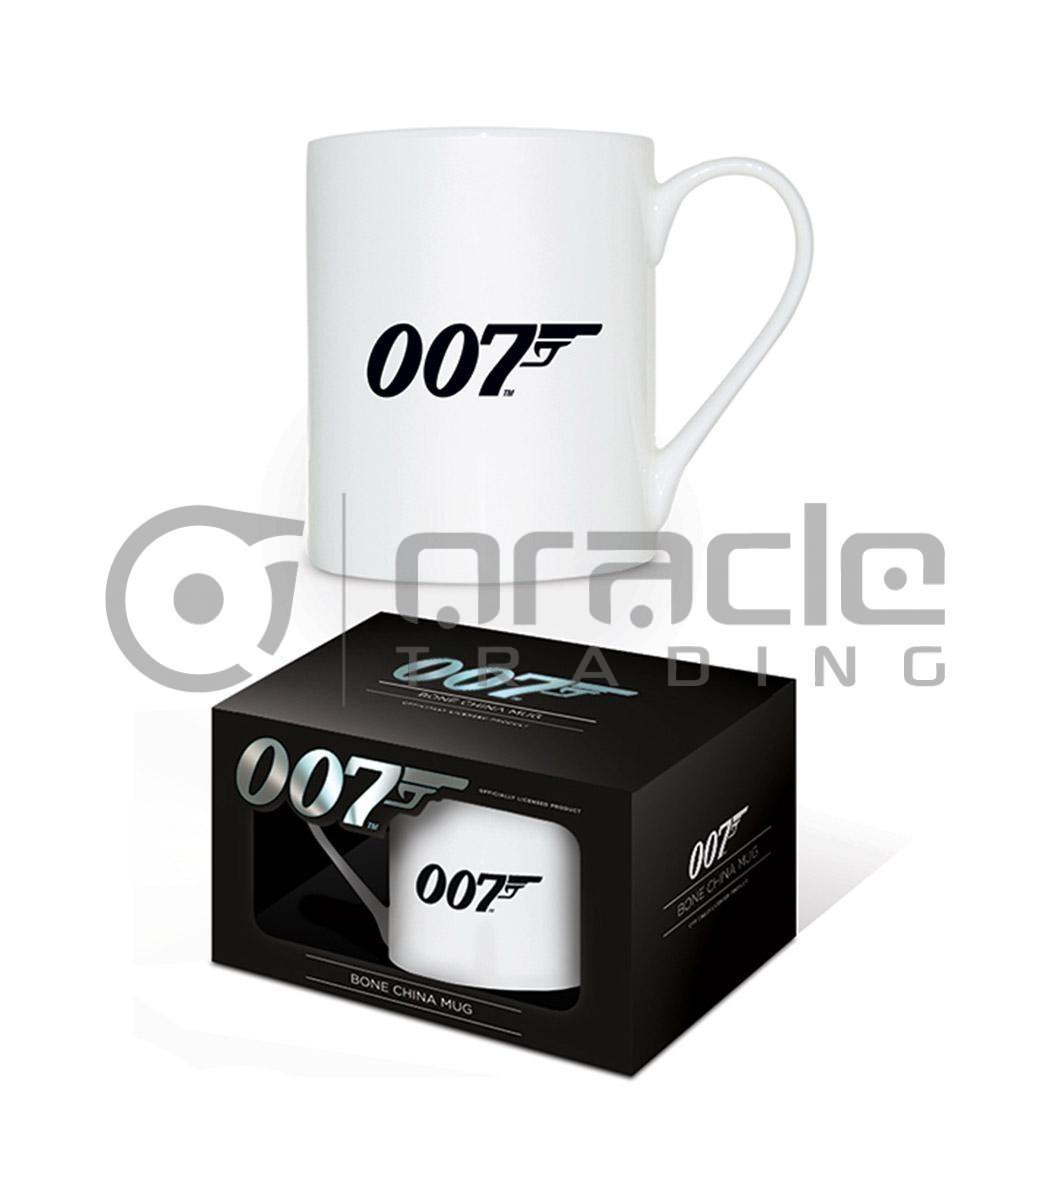 James Bond 007 Logo Bone China Mug